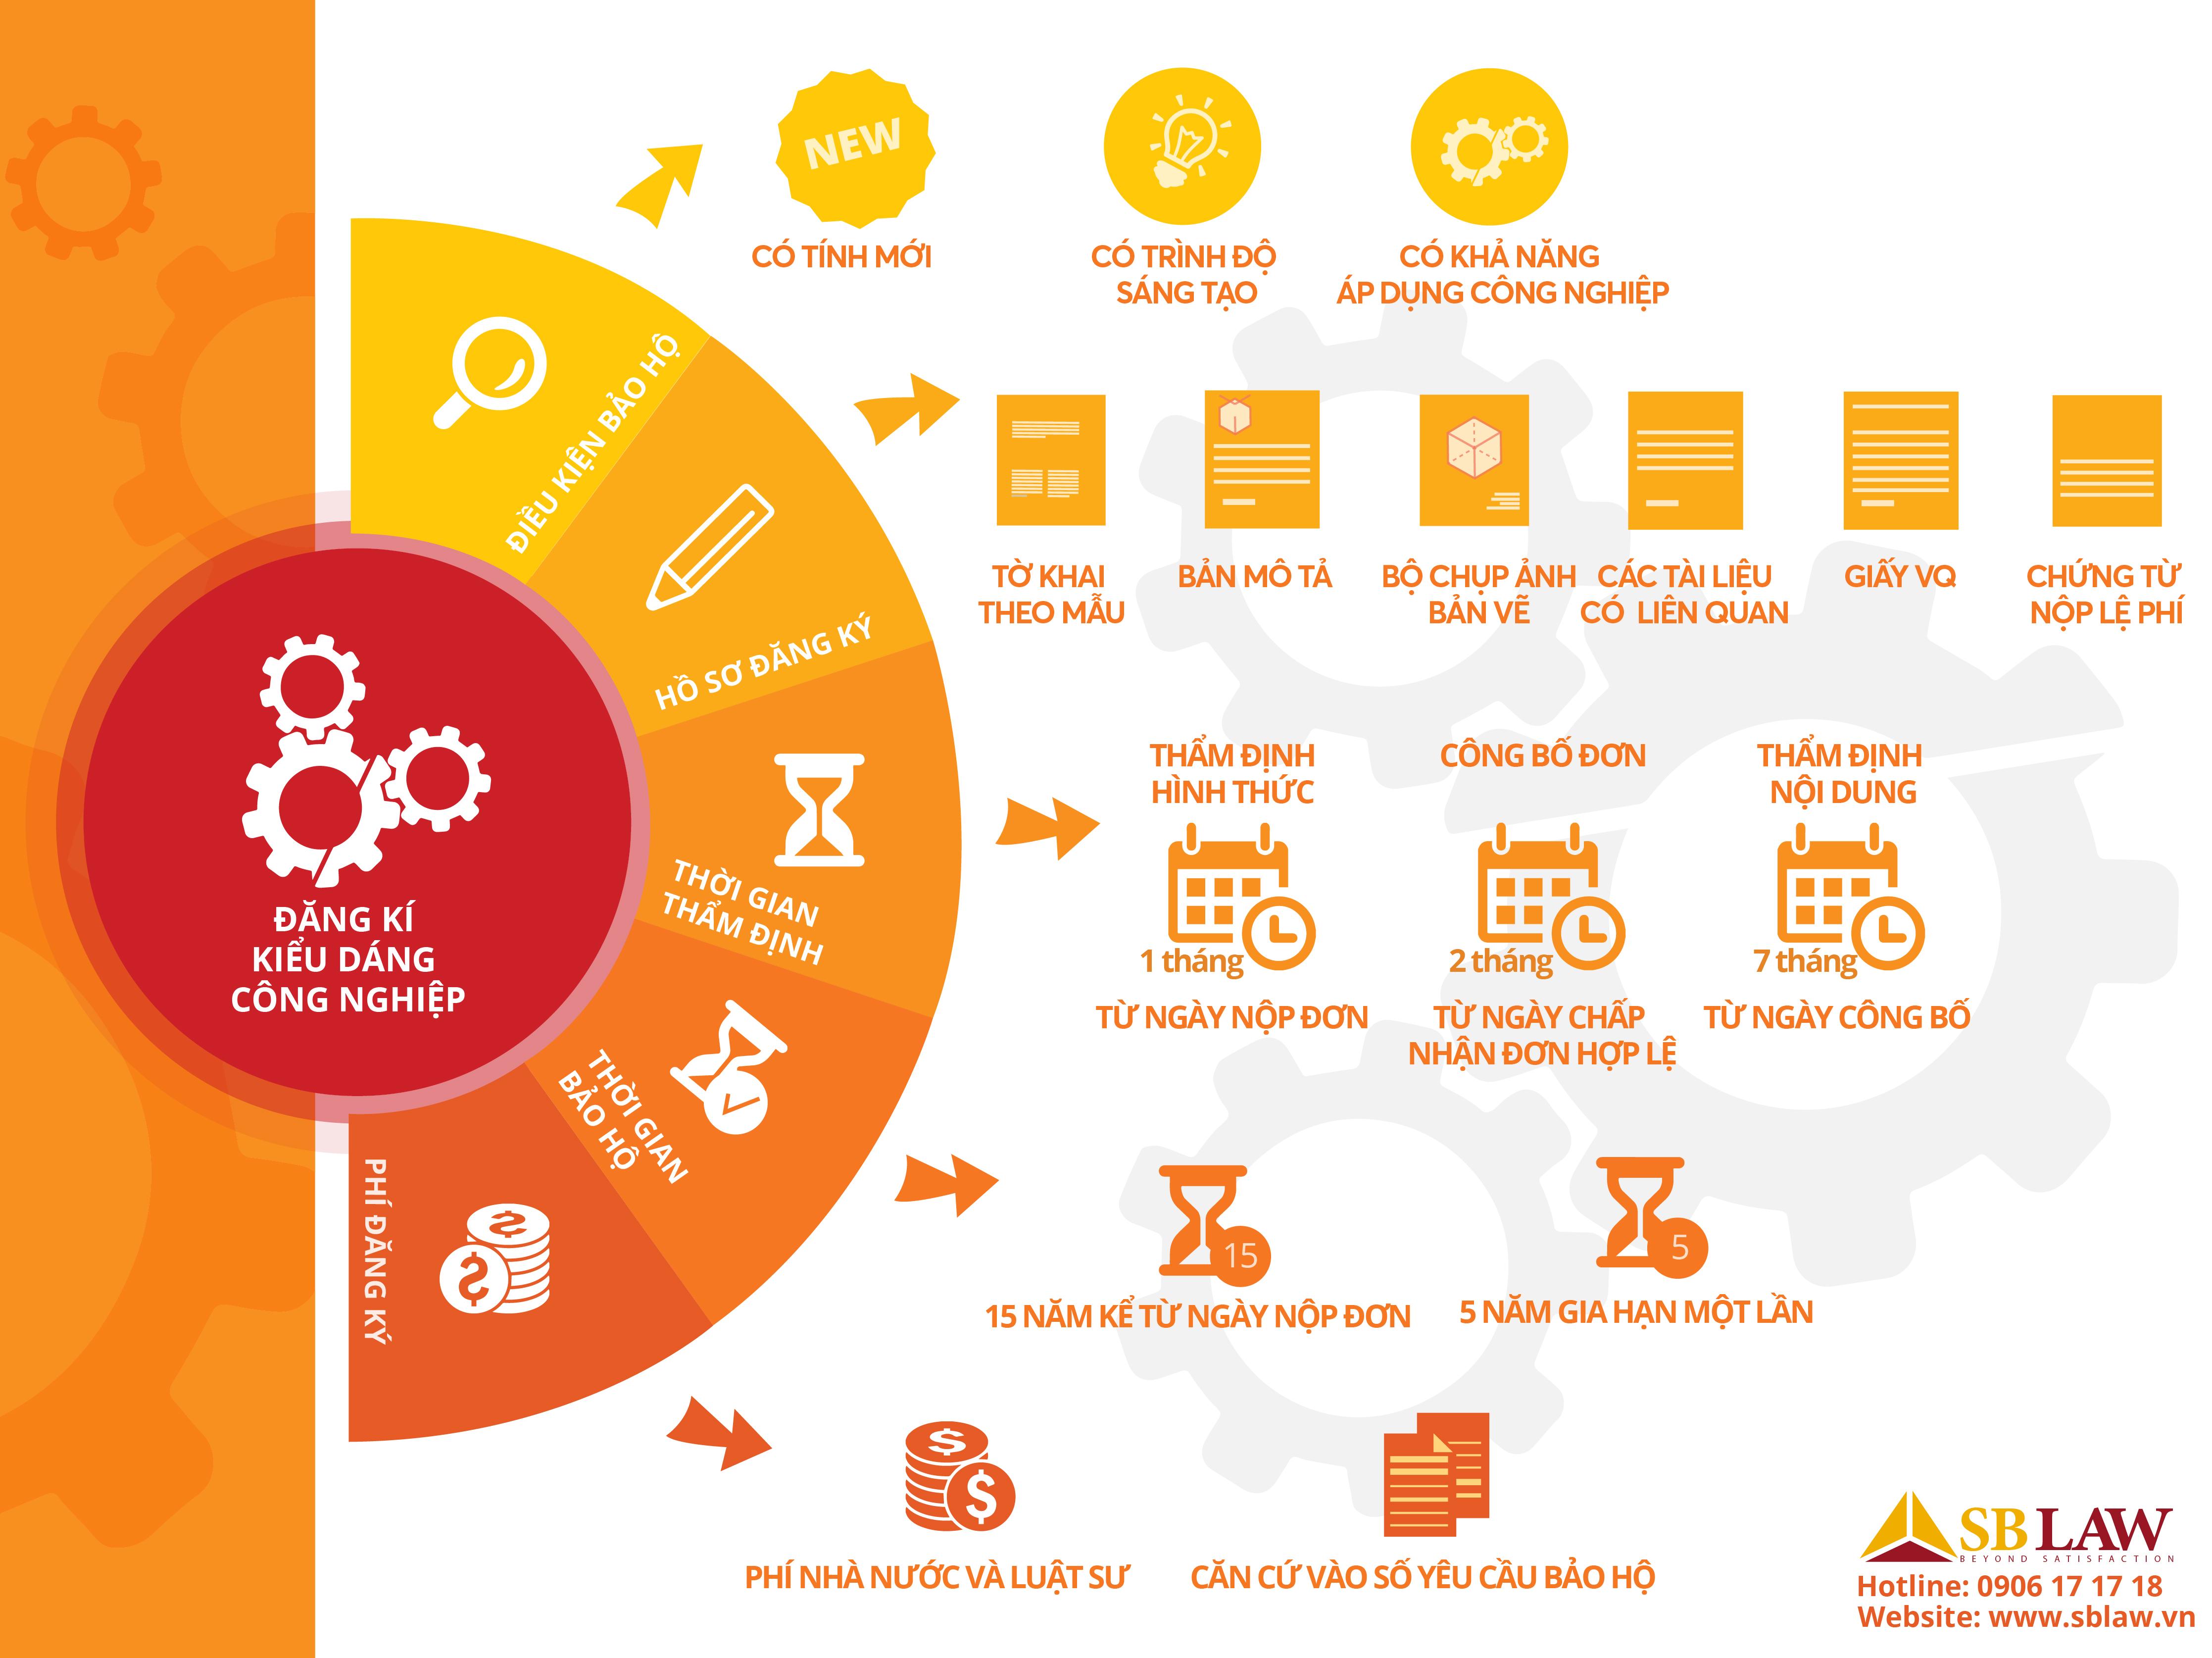 Infographic_dang ki kieu dang cong nghiep